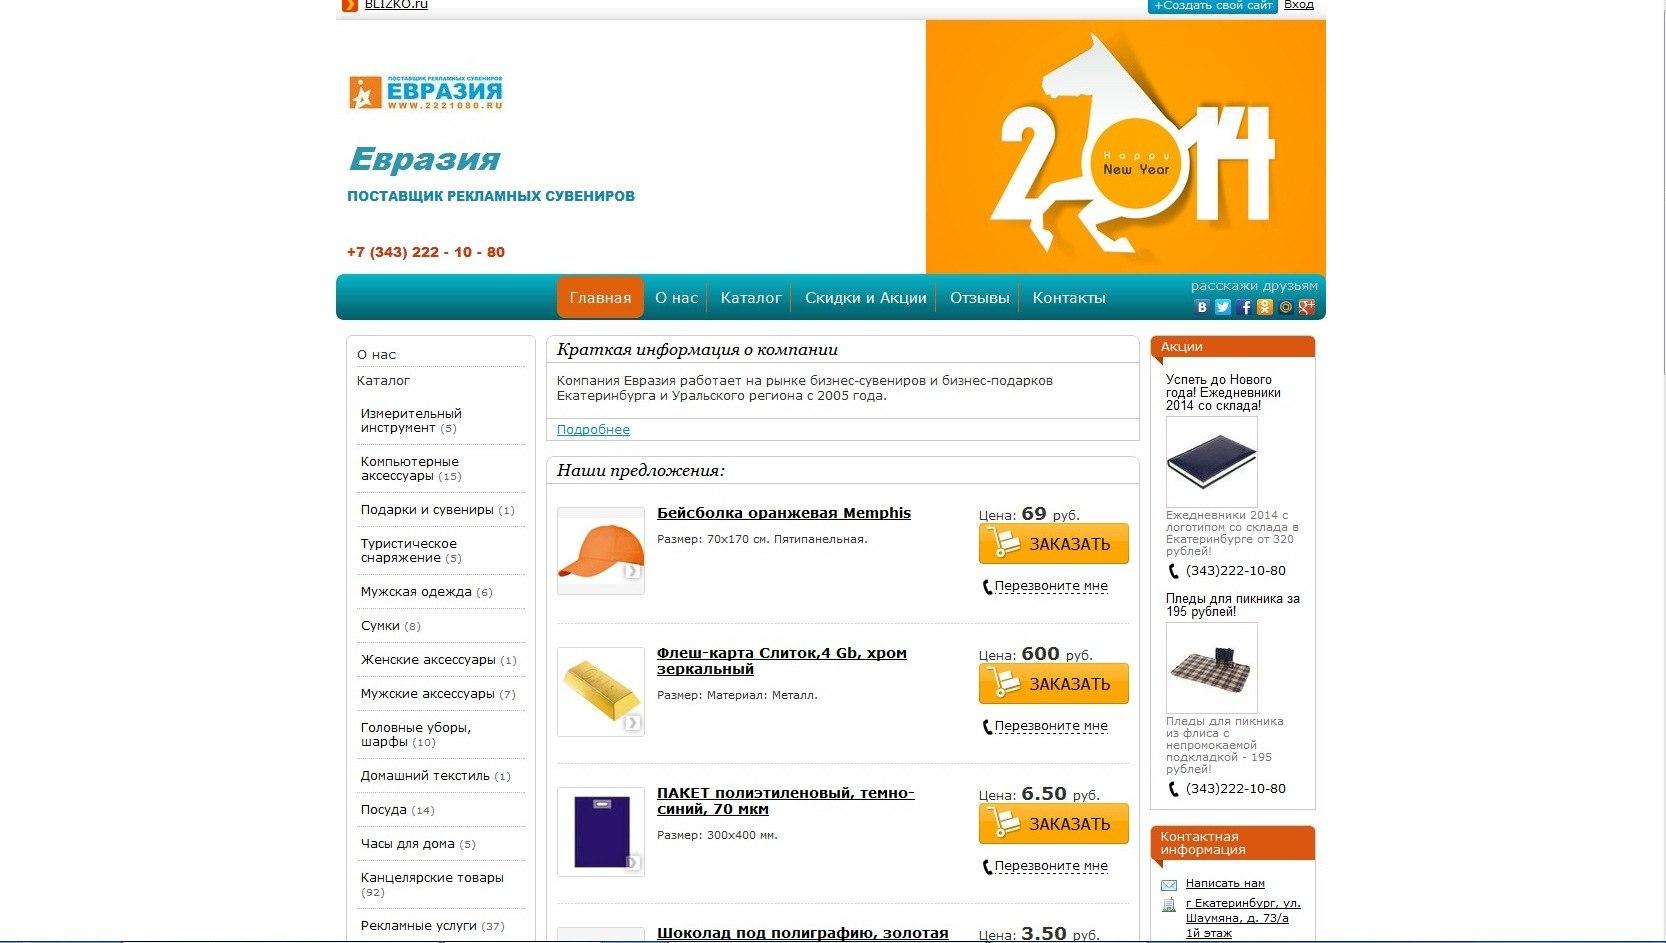 Сайт компании евроазия авангард строительная компания саратов официальный сайт